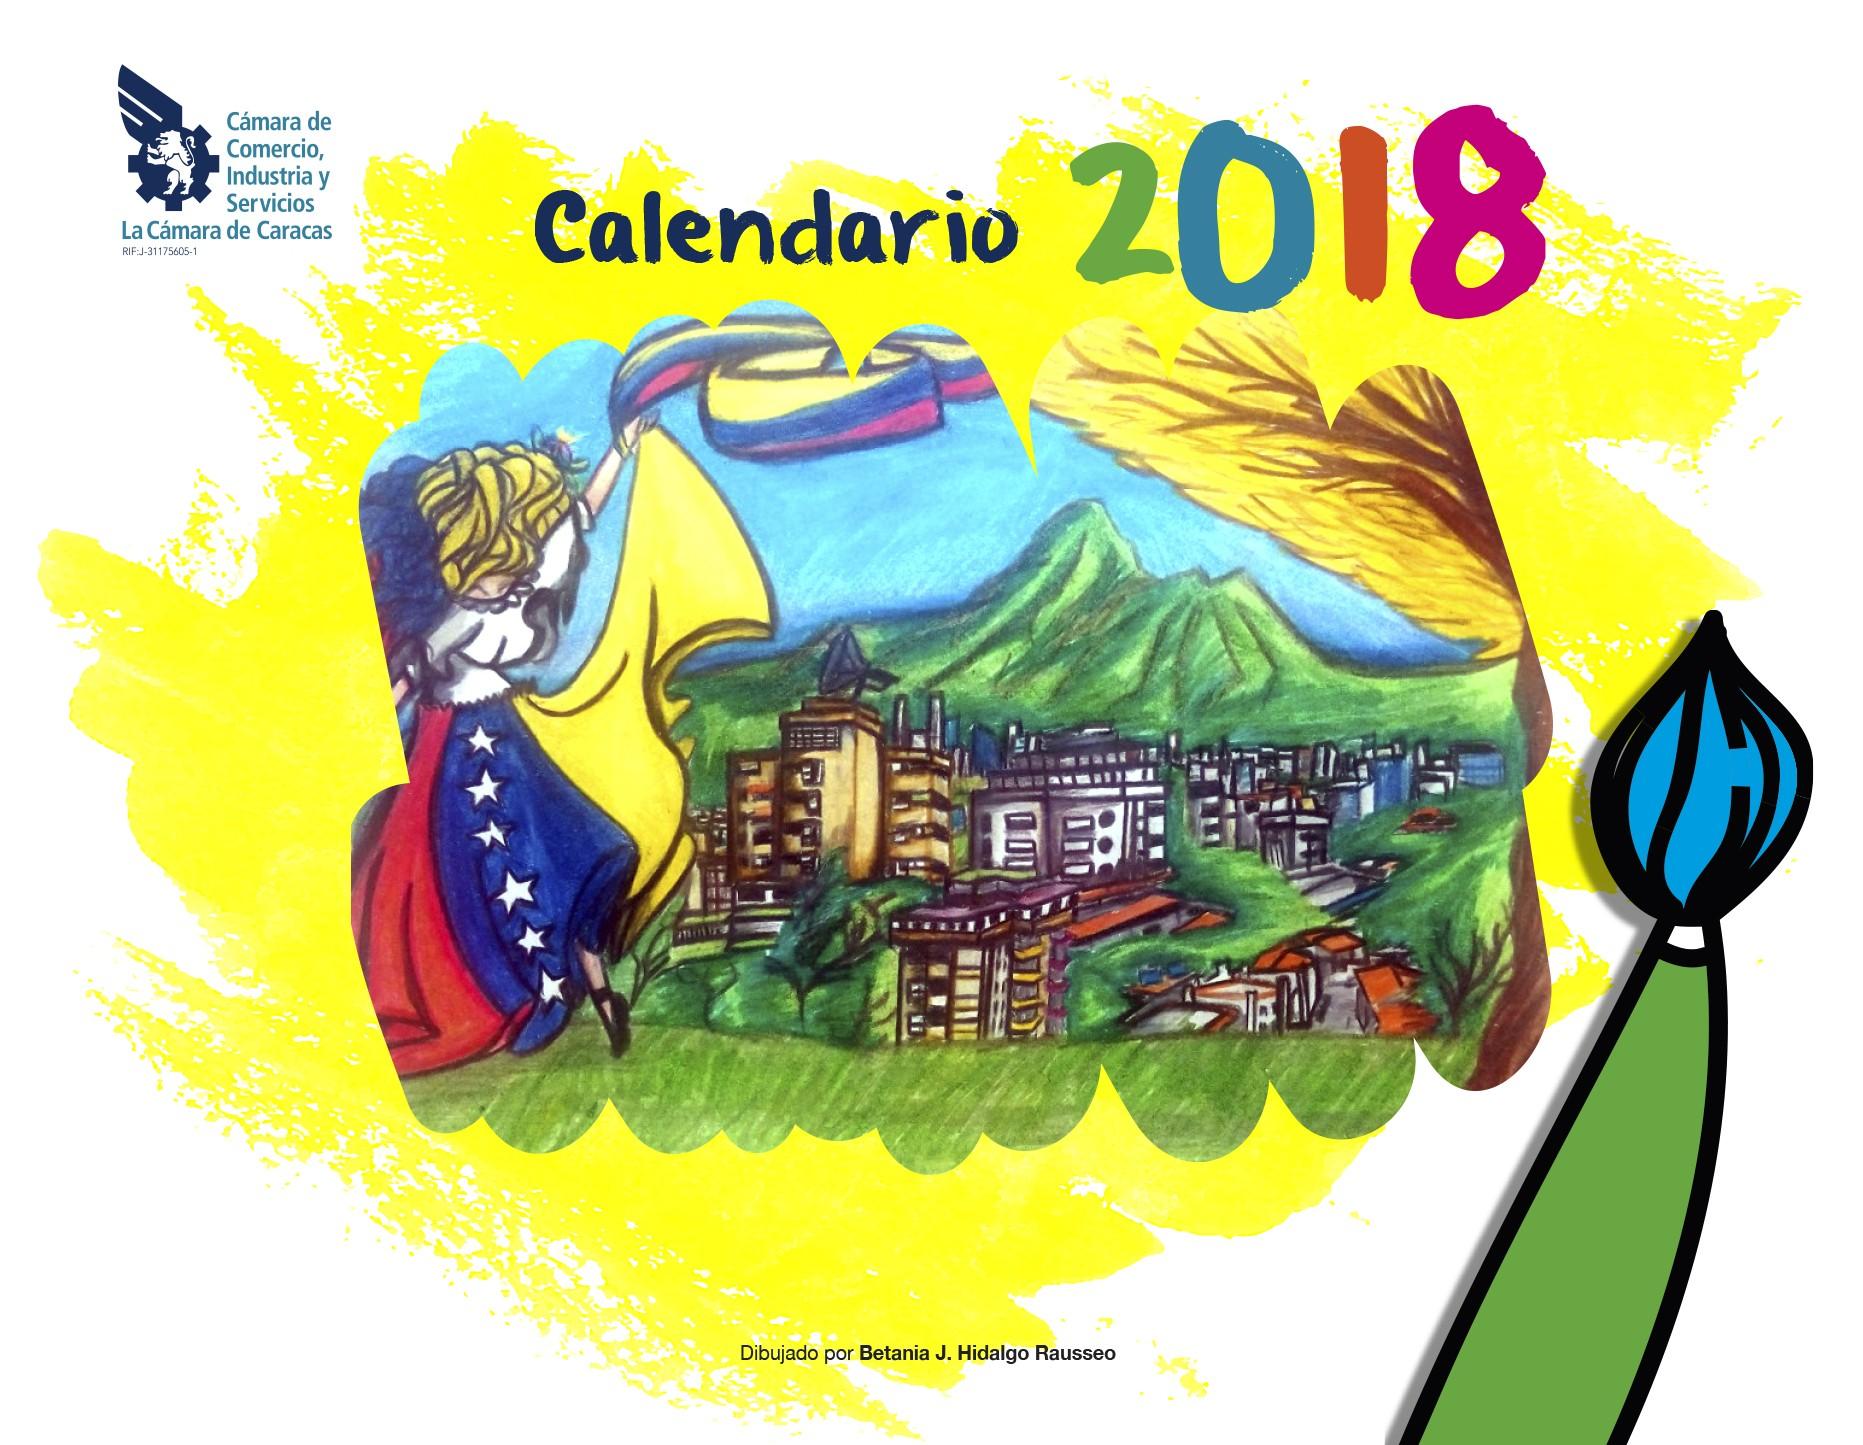 Calendario Enero 2019 Para Imprimir Con Dibujos Más Populares Descarga Nuestro Calendario 2018 Cámara De Caracas Of Calendario Enero 2019 Para Imprimir Con Dibujos Recientes Eur Lex R2454 Es Eur Lex